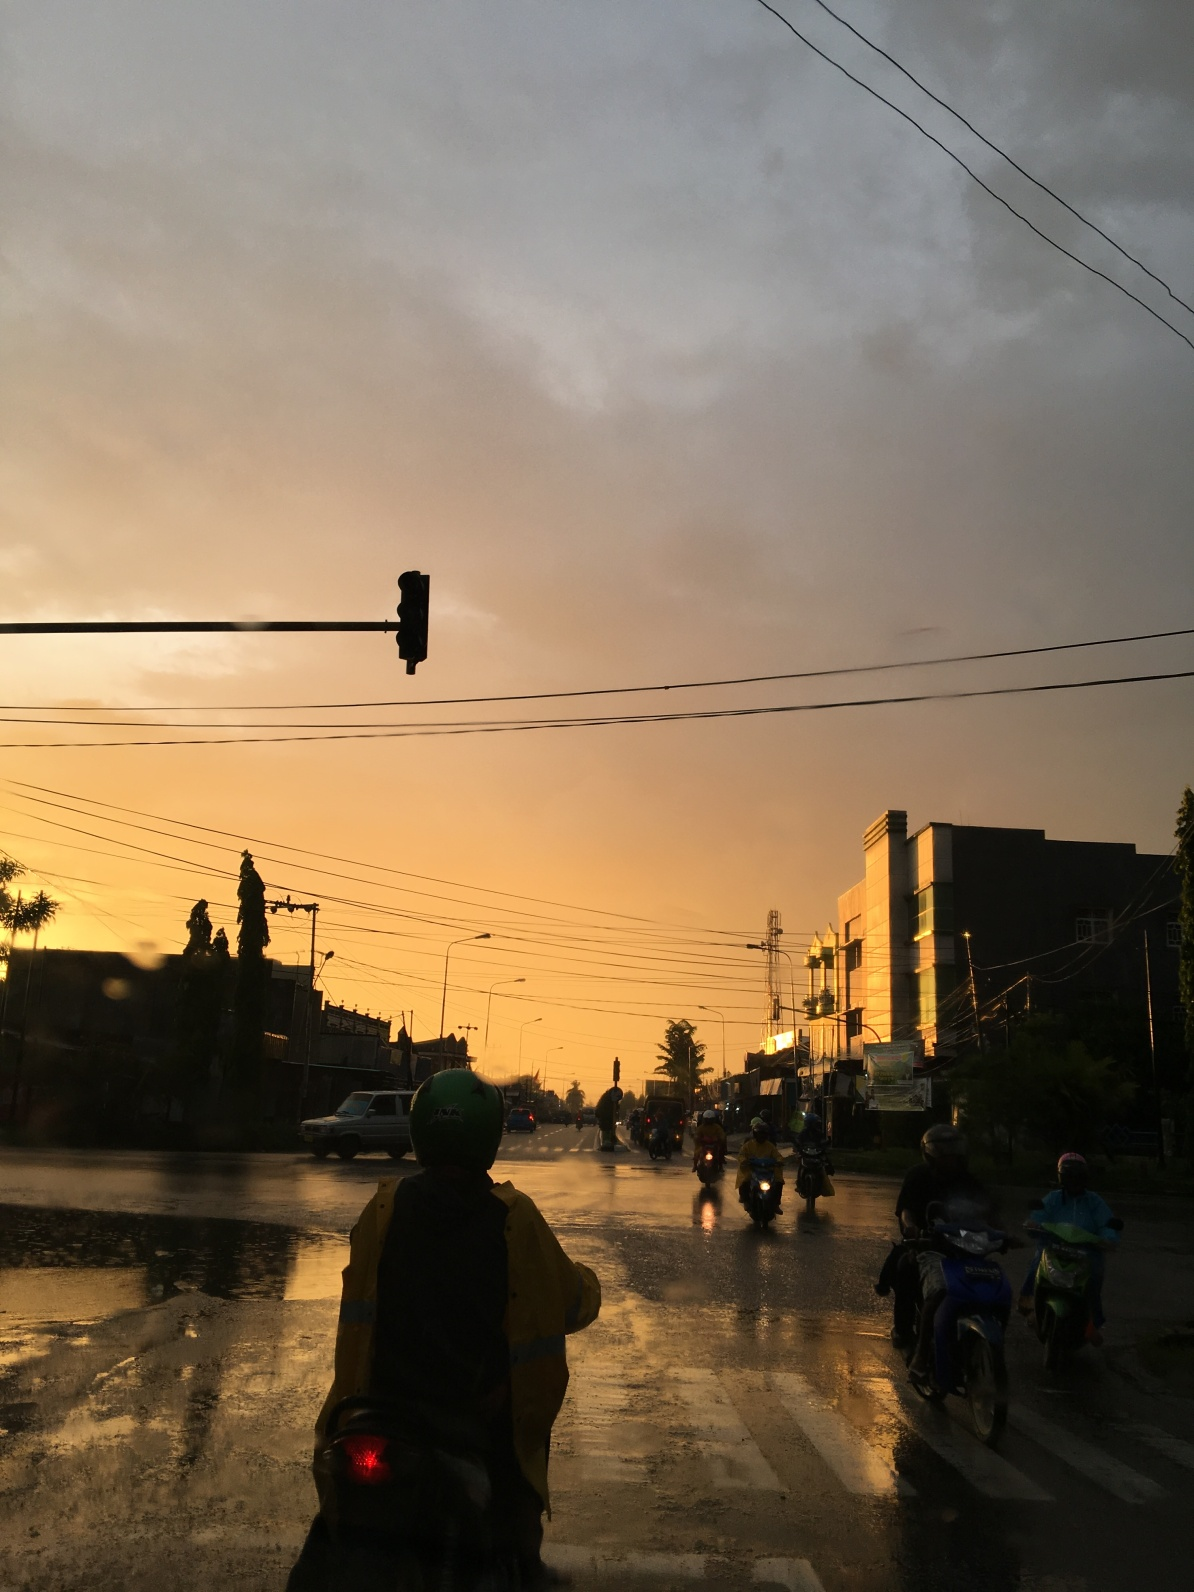 Ogowal Onijoma Kumpulan Pantauan Dan Lamunan